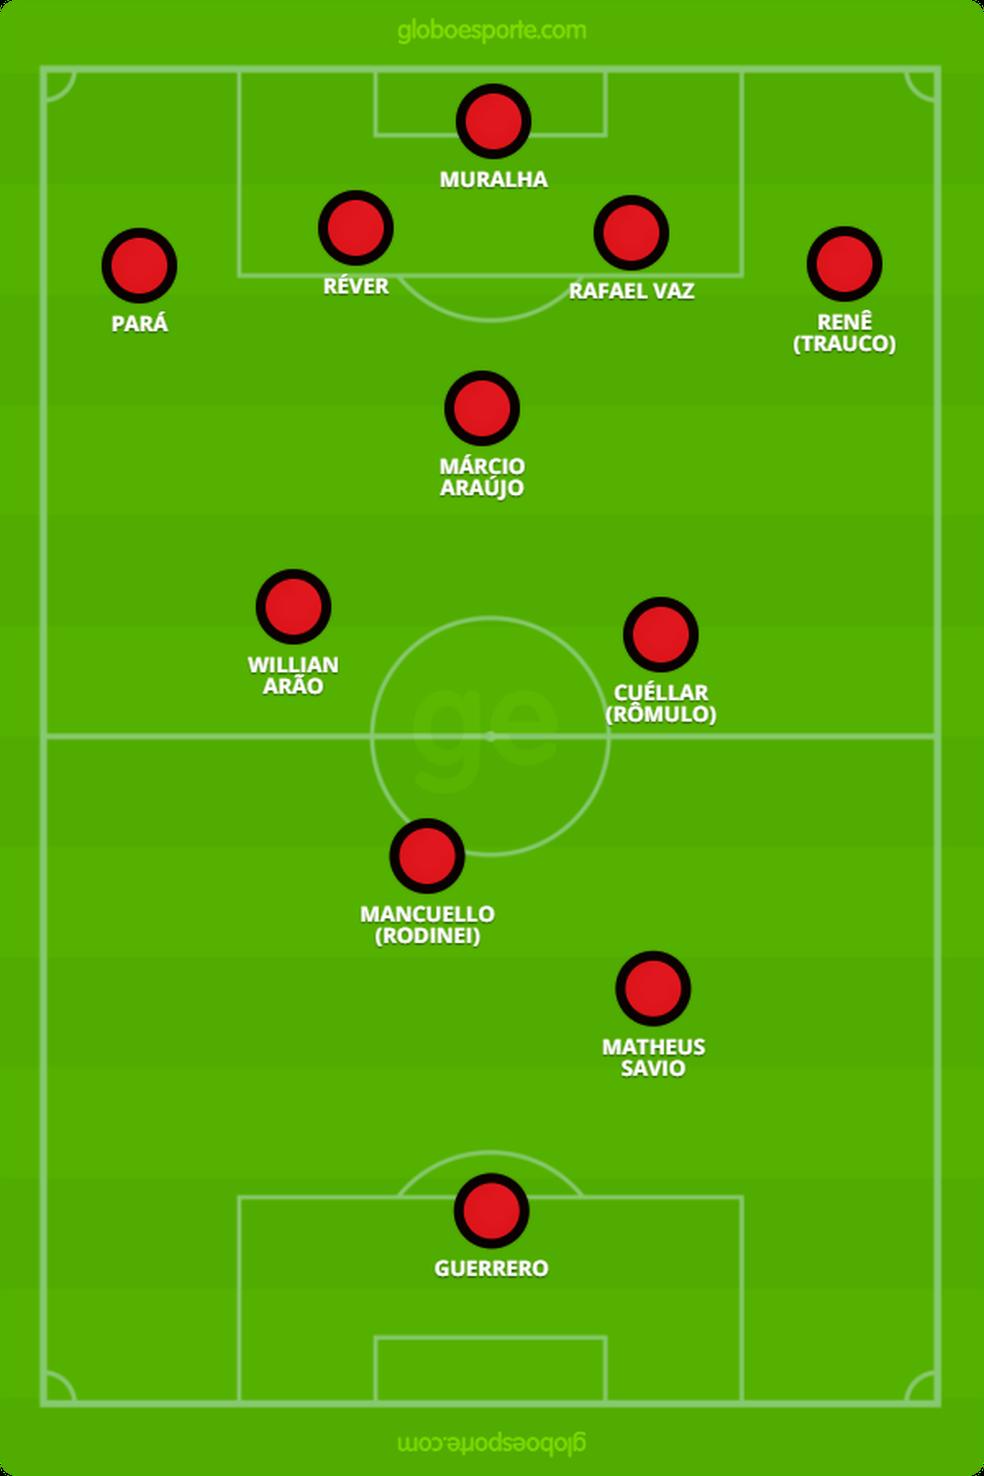 Provável escalação do Flamengo para o jogo deste domingo (Foto: Reprodução)